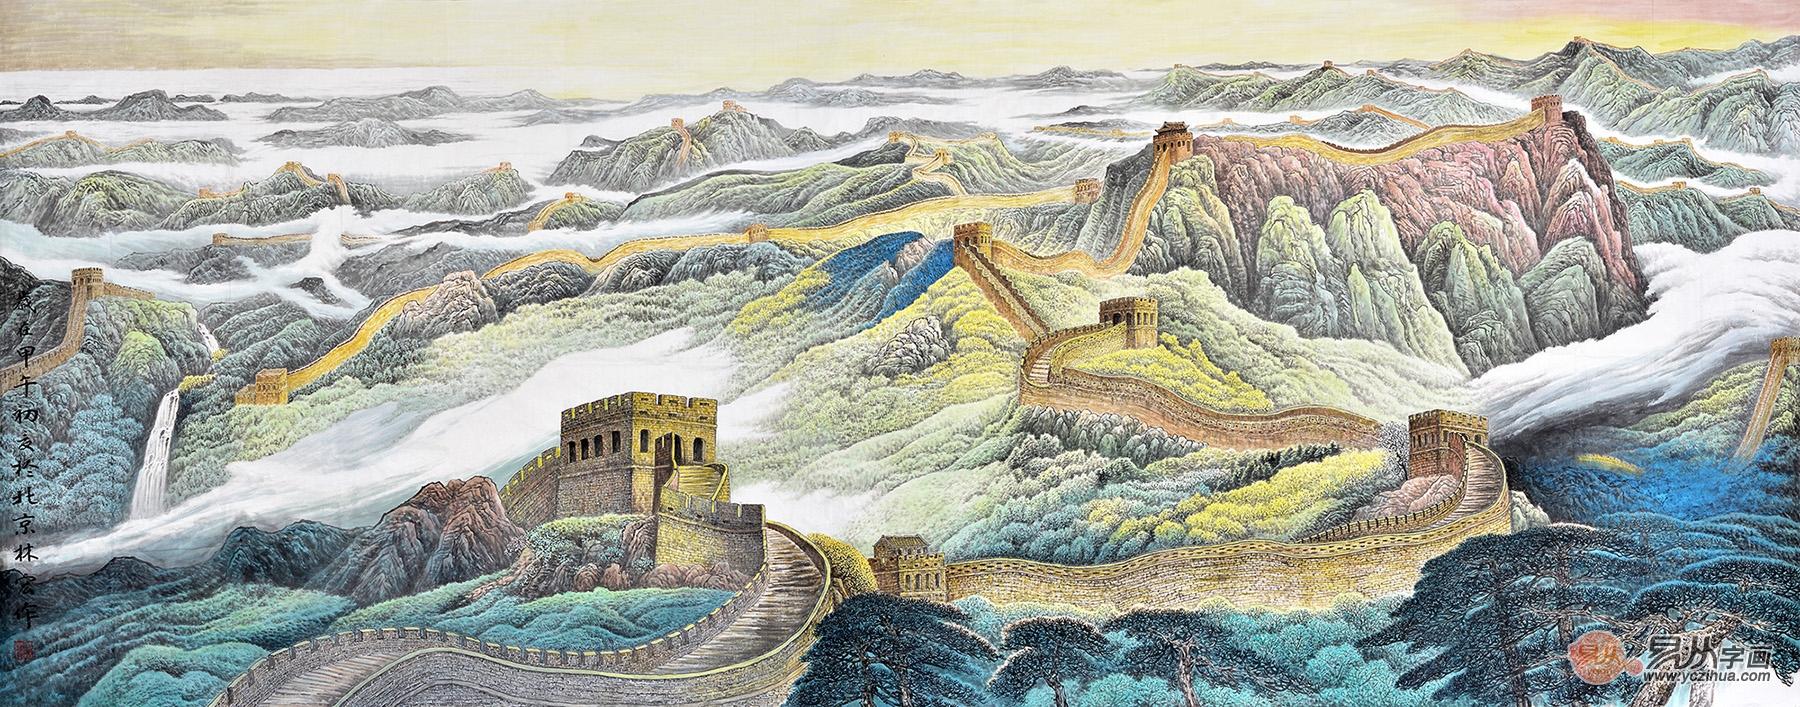 家里客厅挂李林宏的长城山水画怎么样 李林宏 山水画